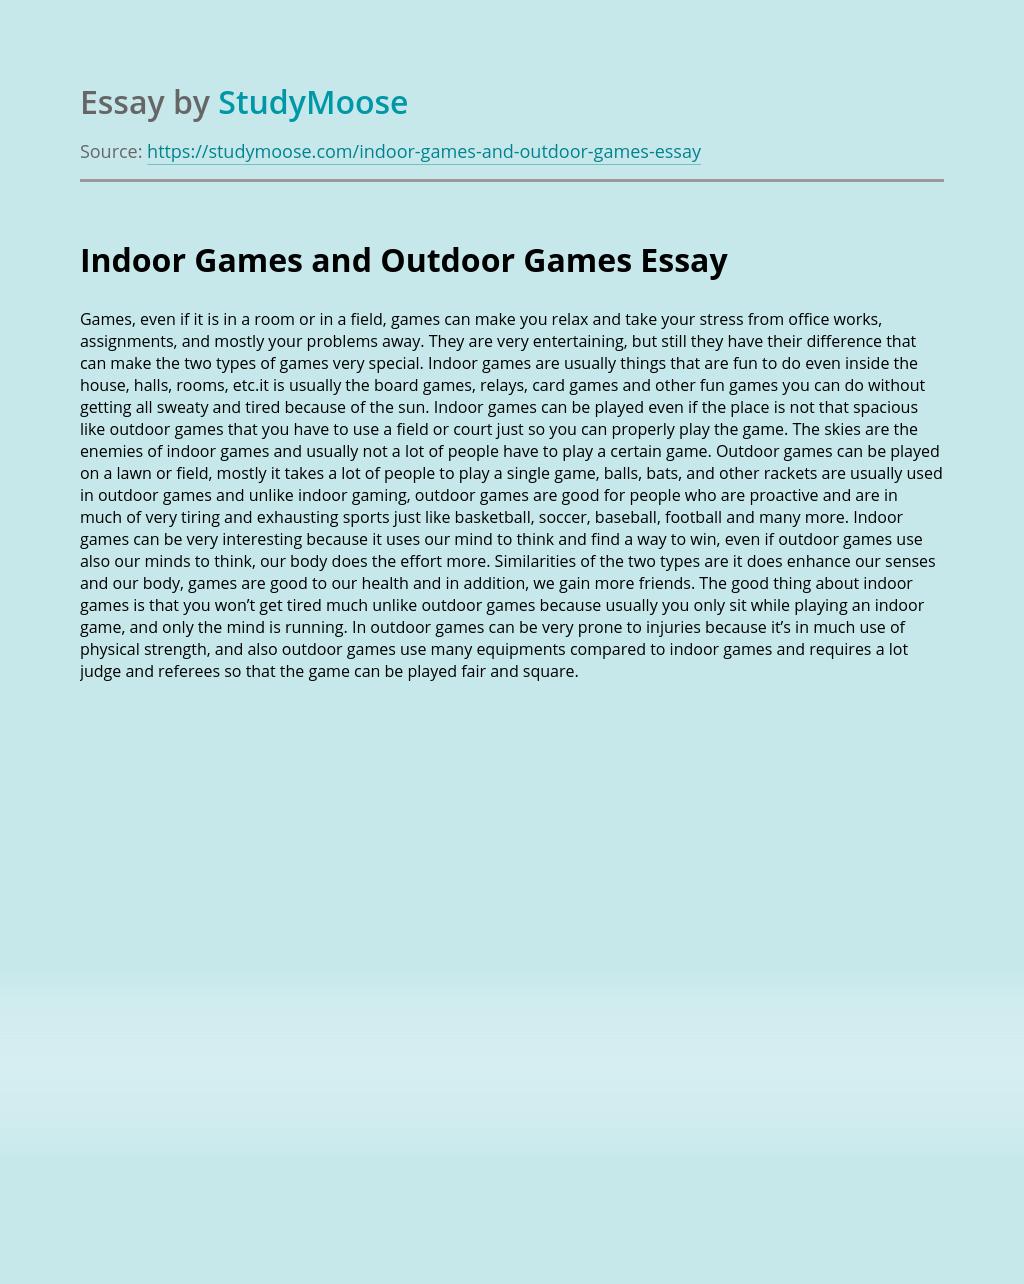 Indoor Games and Outdoor Games